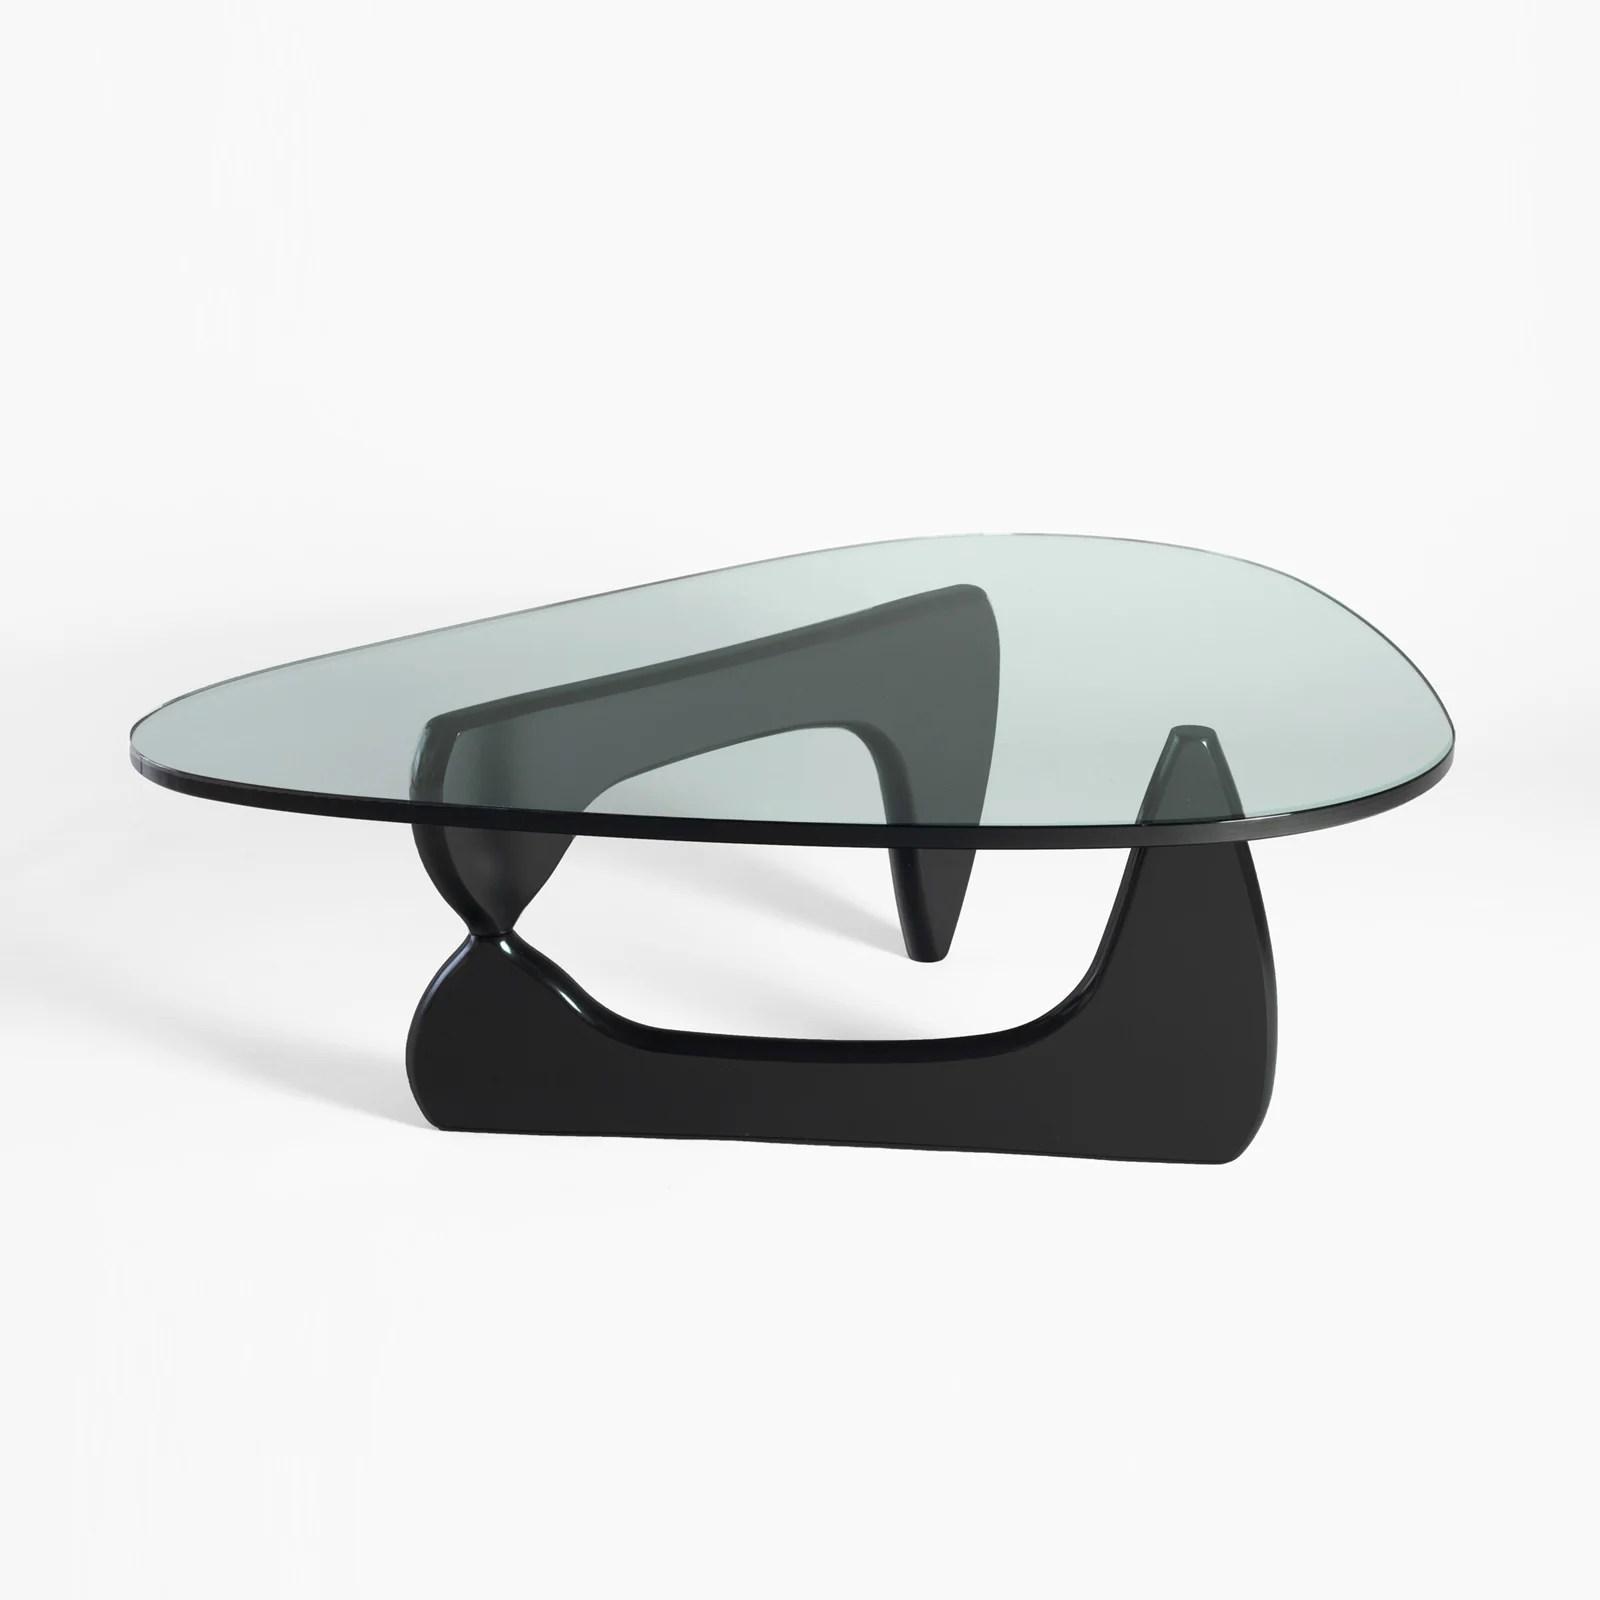 noguchi coffee table black